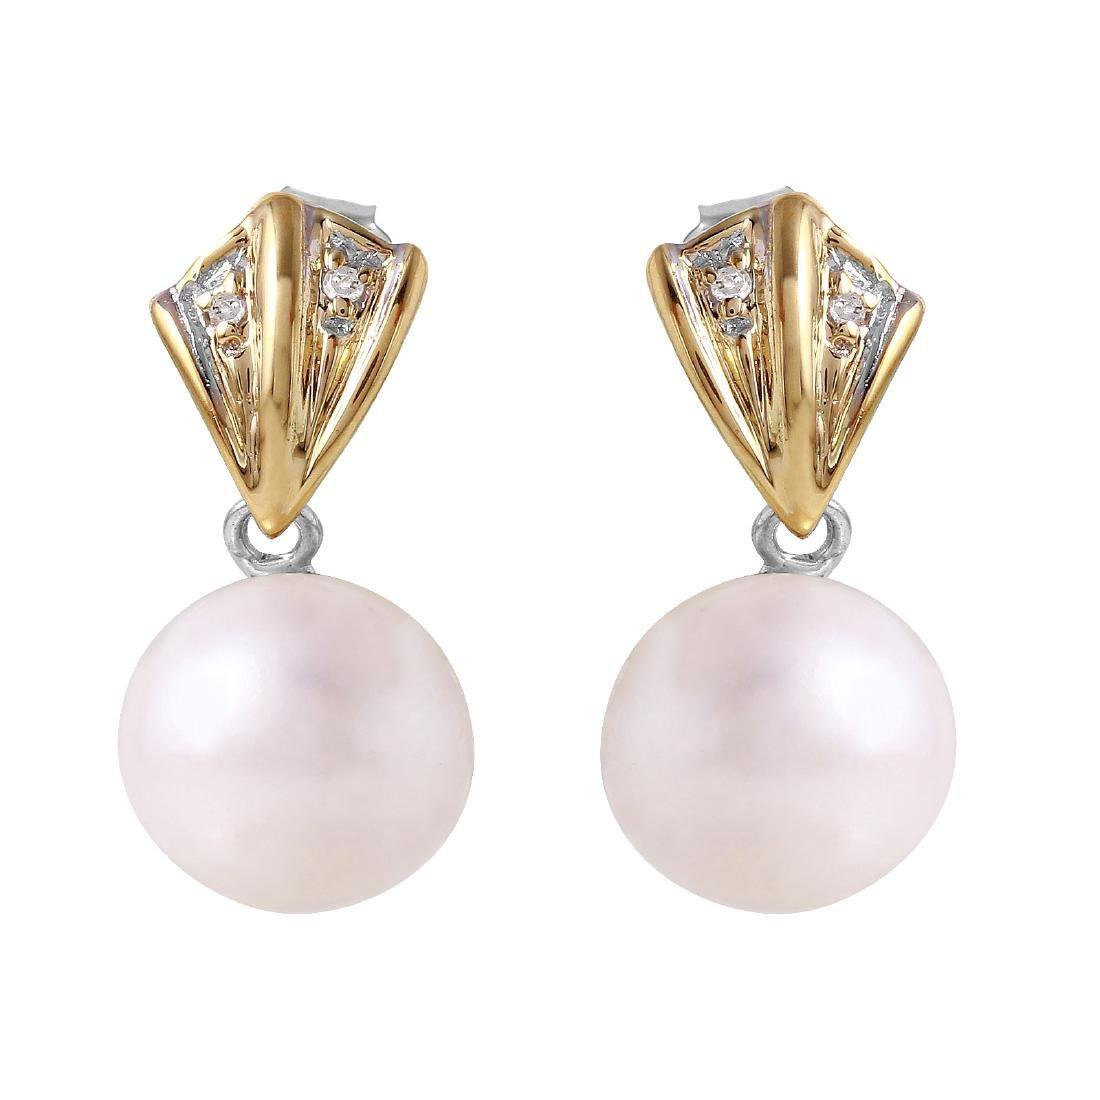 14KT Two Tone Gold Pearl & Diamond Earrings